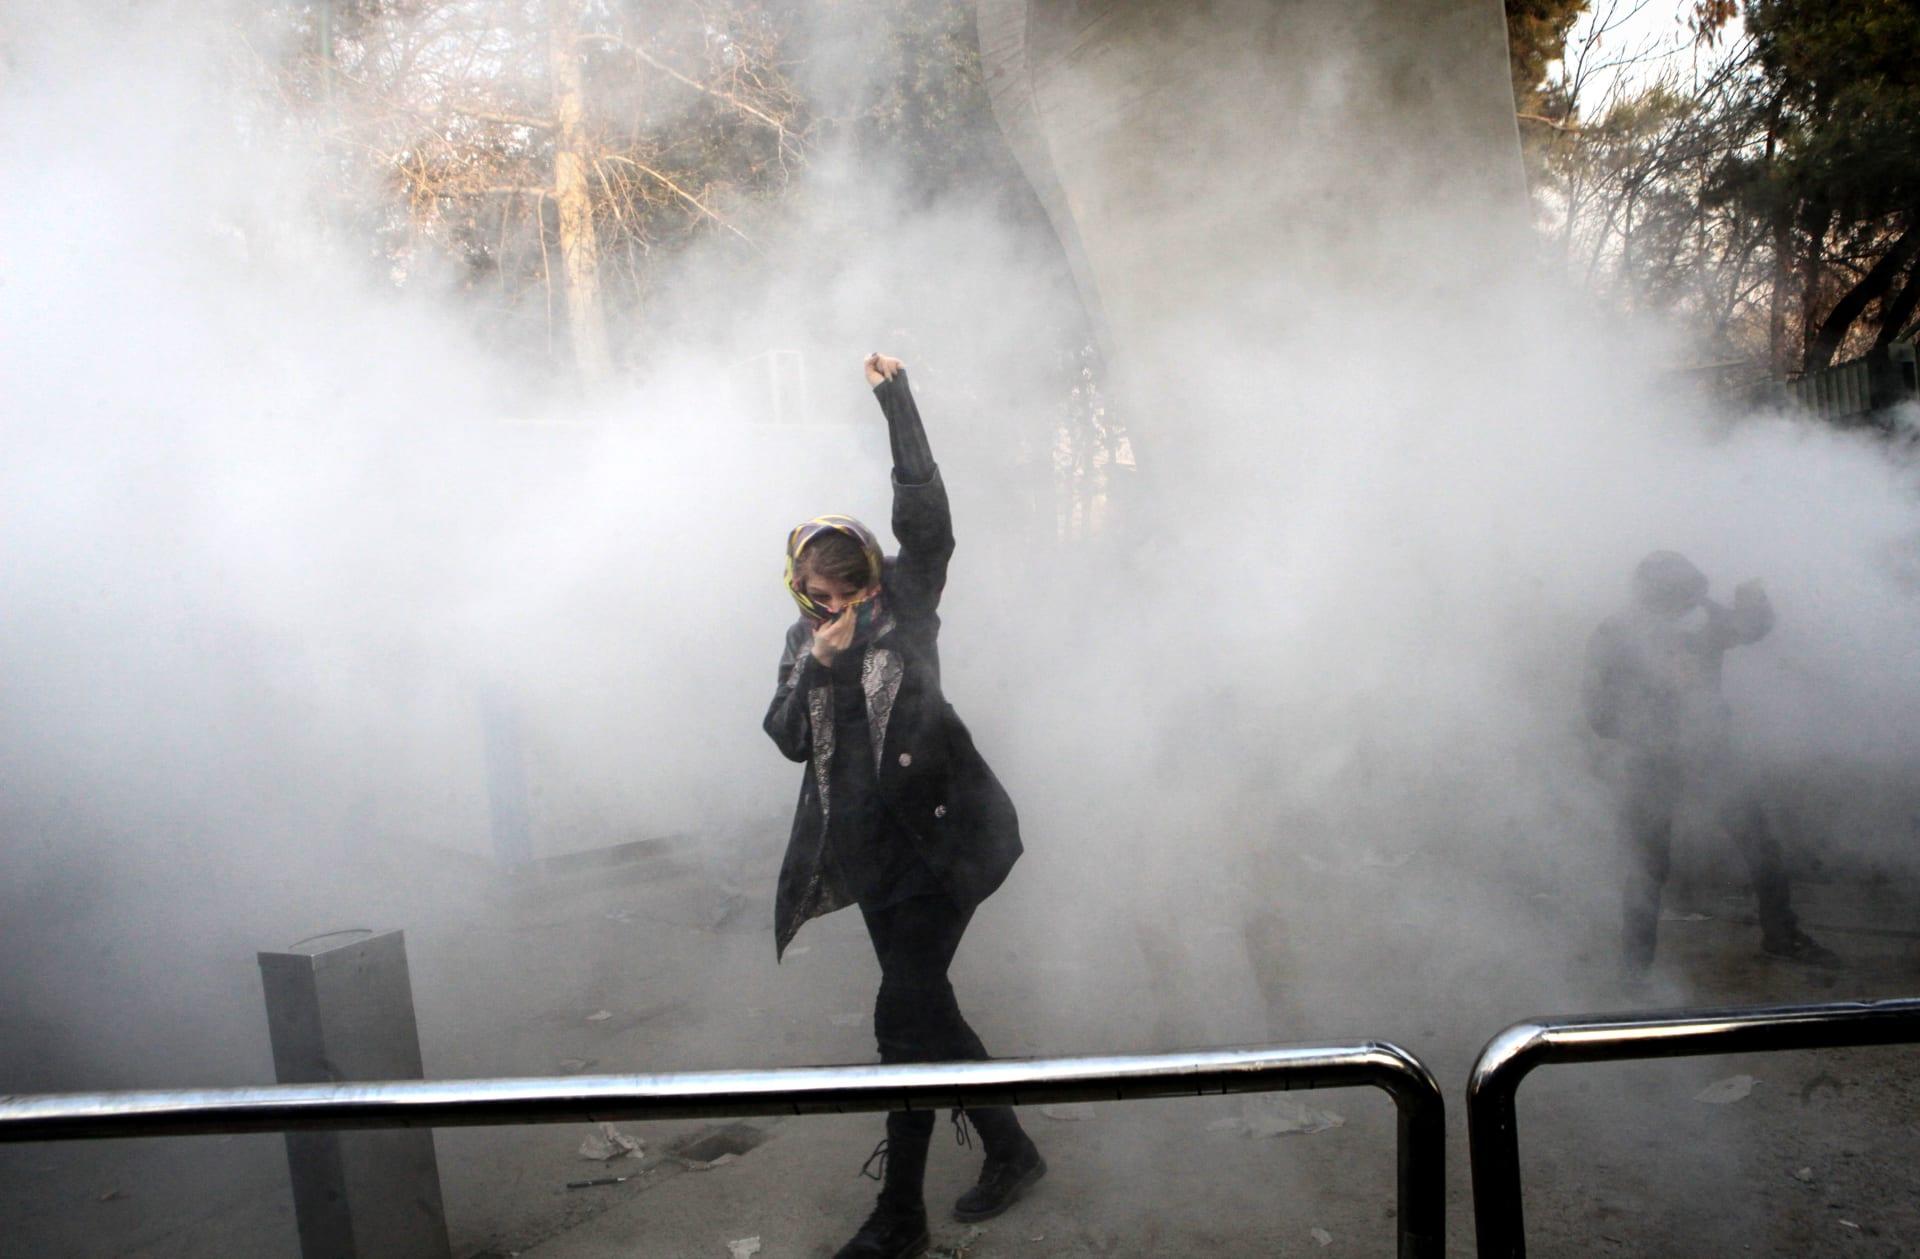 إيران: مقتل ما لا يقل عن 12 شخصاً منذ بدء الاحتجاجات